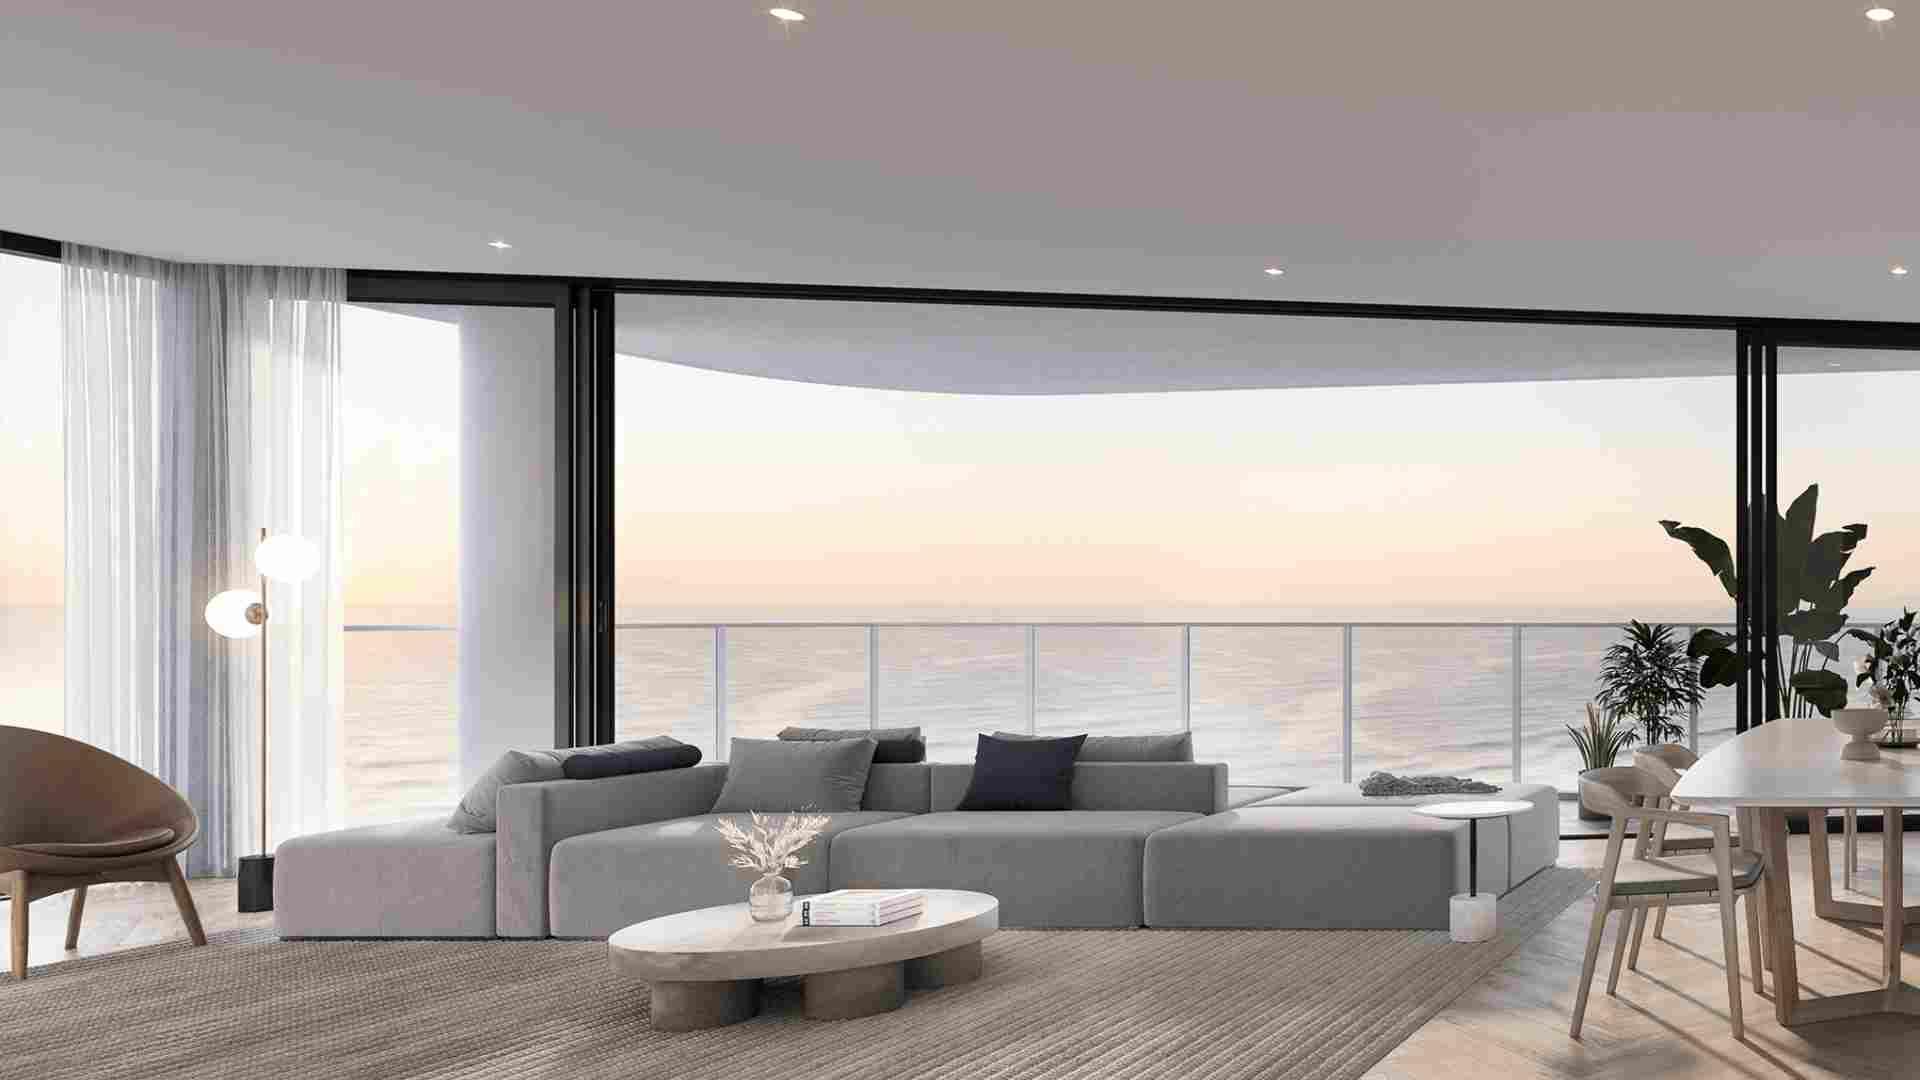 large grey sofa in living room overlooking mermaid beach